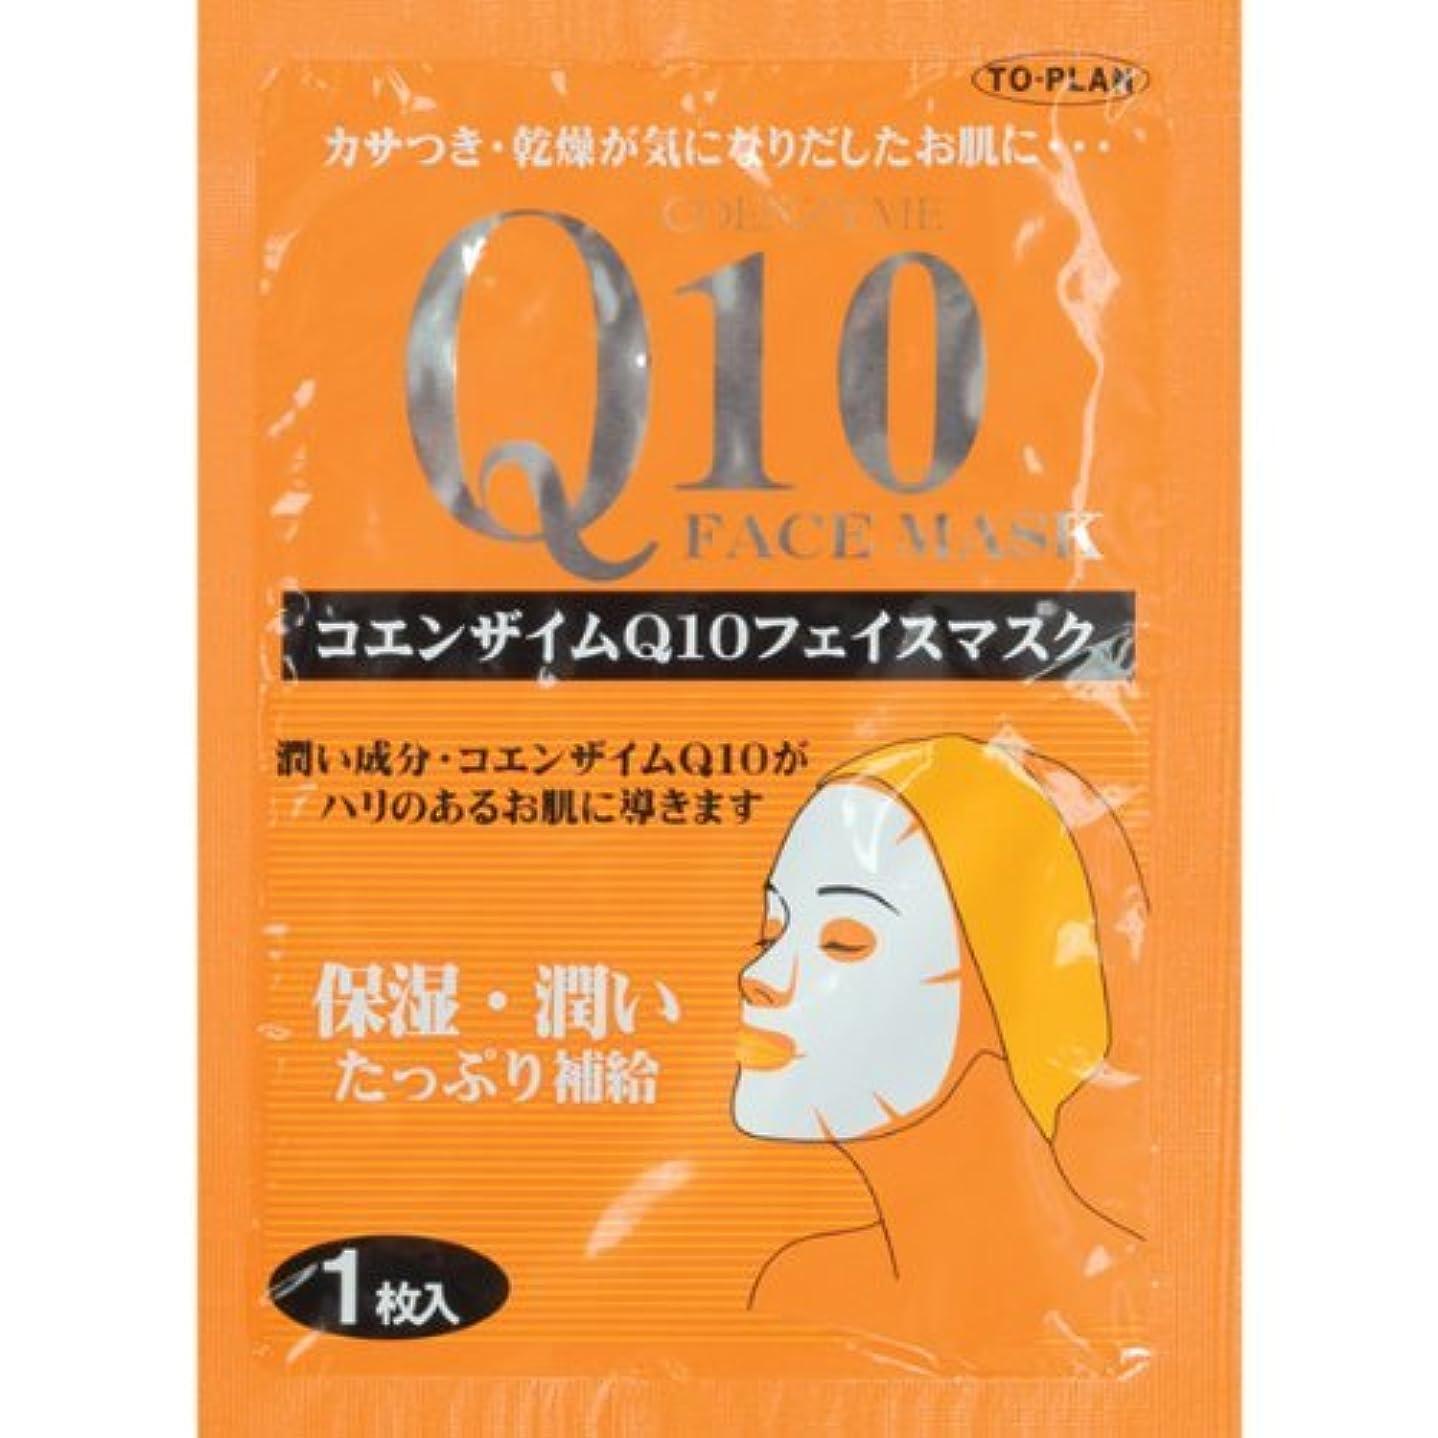 衝突結婚式ここにフェイスマスク コエンザイムQ10 まとめ買い プレゼント フェイスパック (50枚)